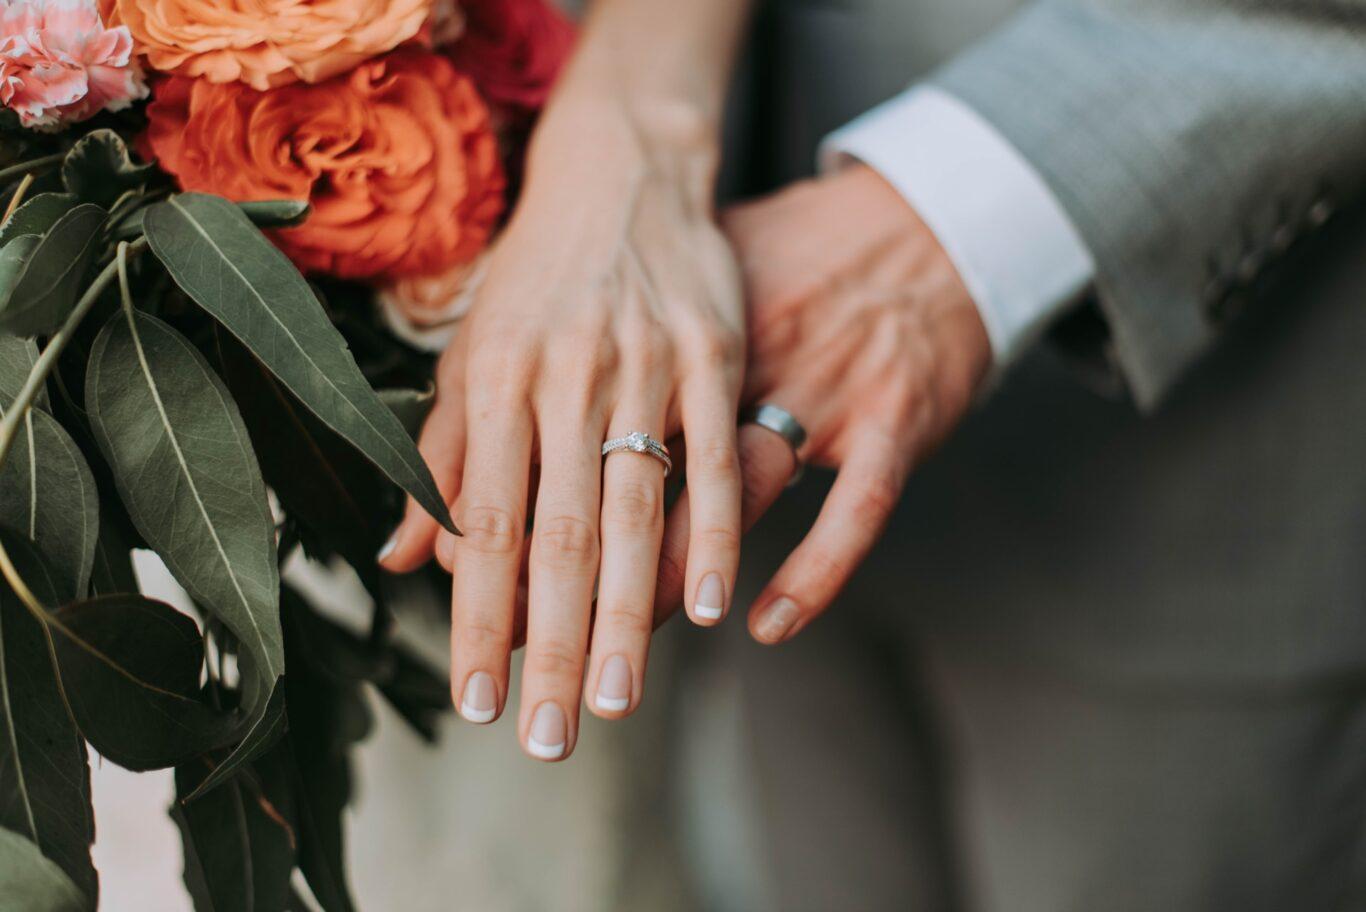 η ένωση χεριών στο μυστήριο του γάμου